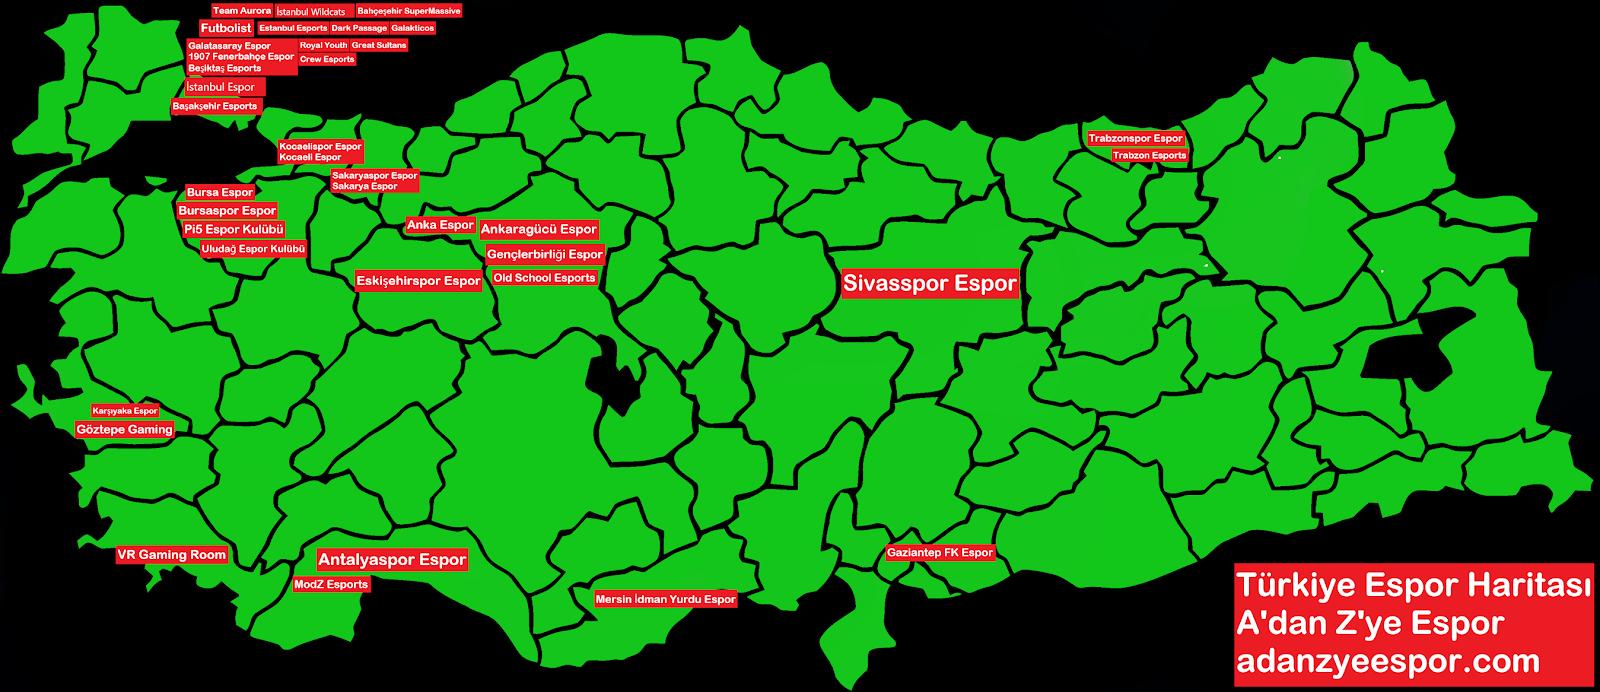 Türkiye Espor Haritası